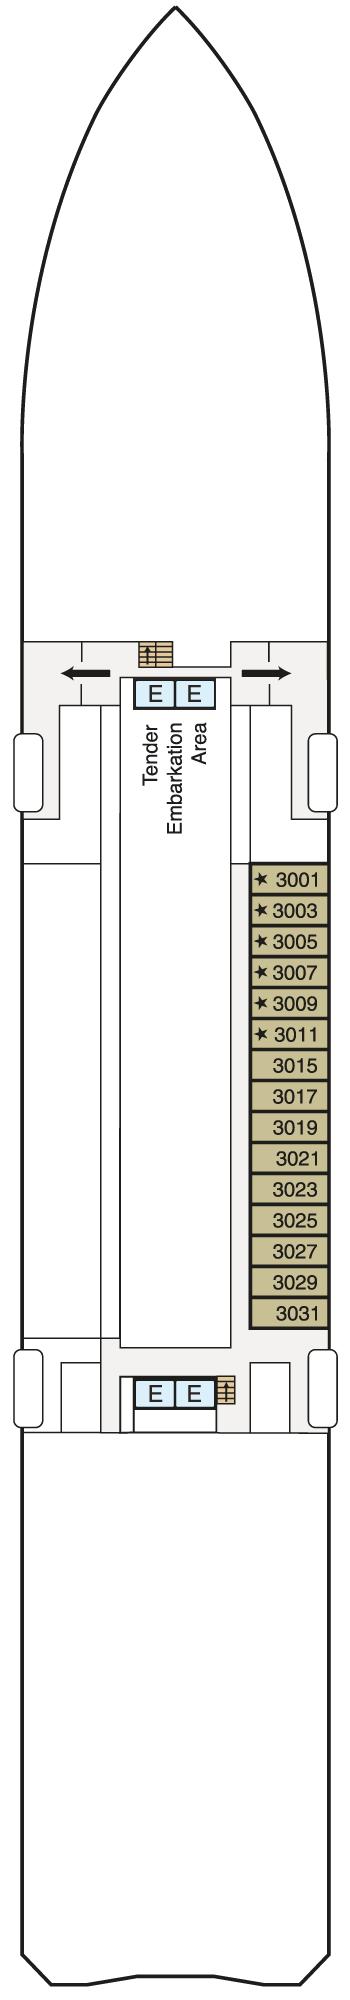 MS Regatta - Deck 3